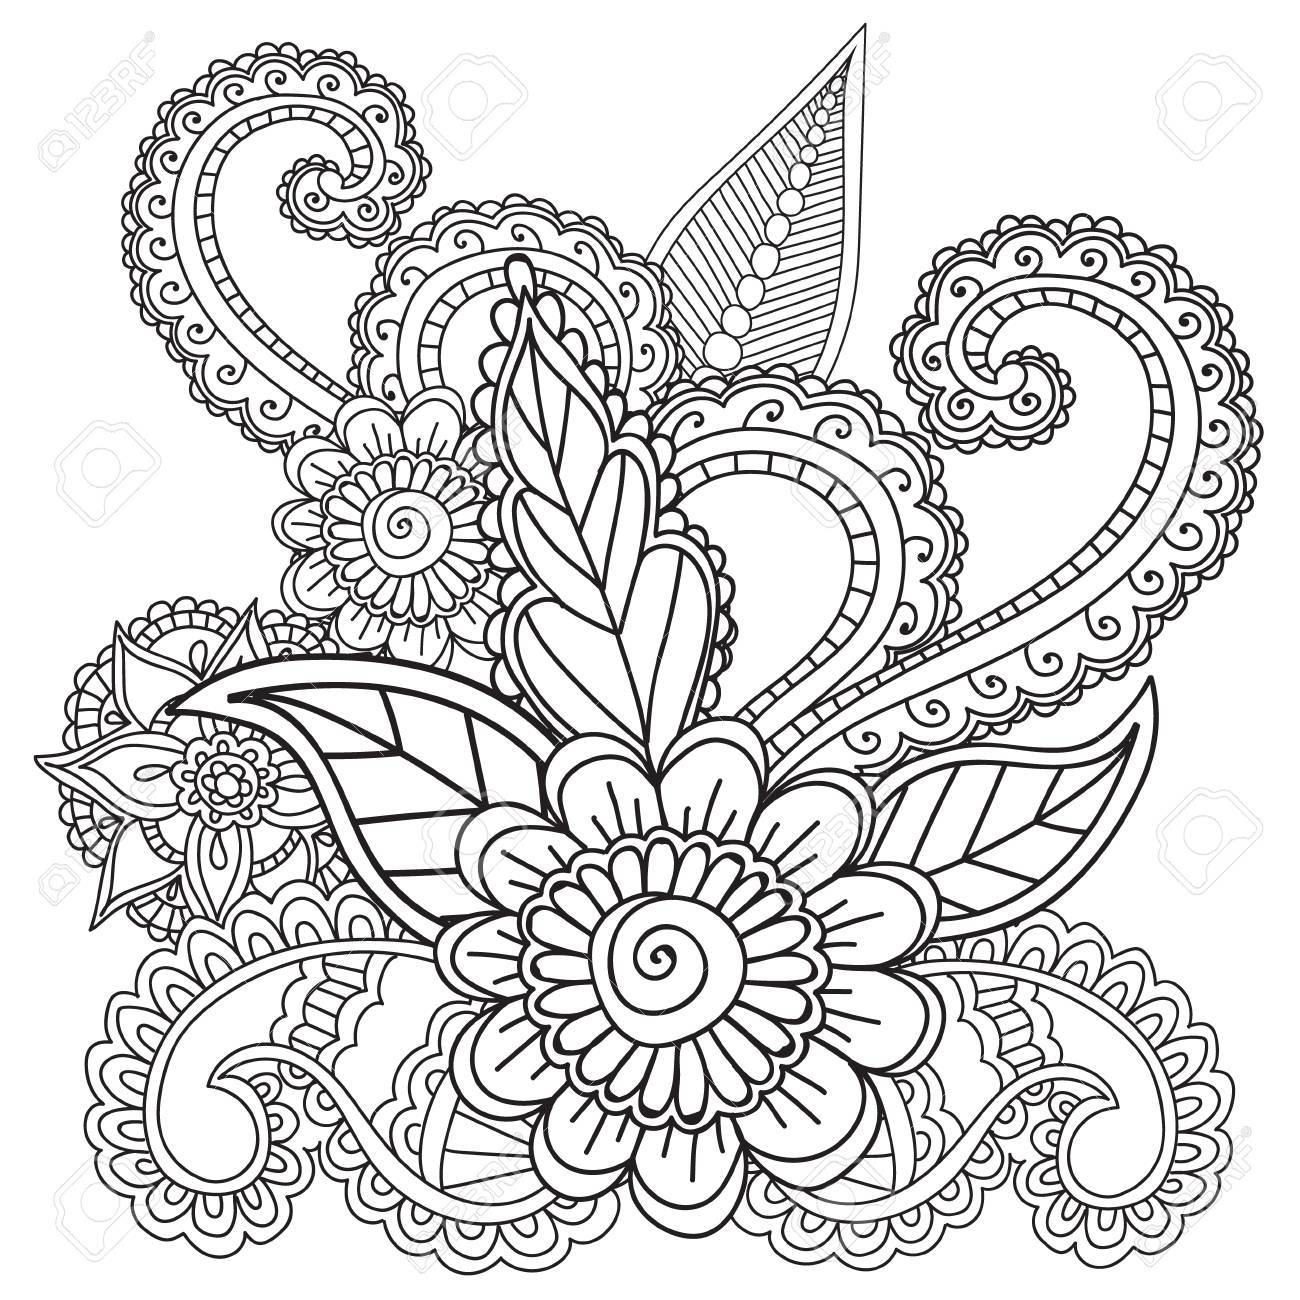 Malvorlagen Für Erwachsene. Henna Mehndi Doodles, Abstract Floral ...